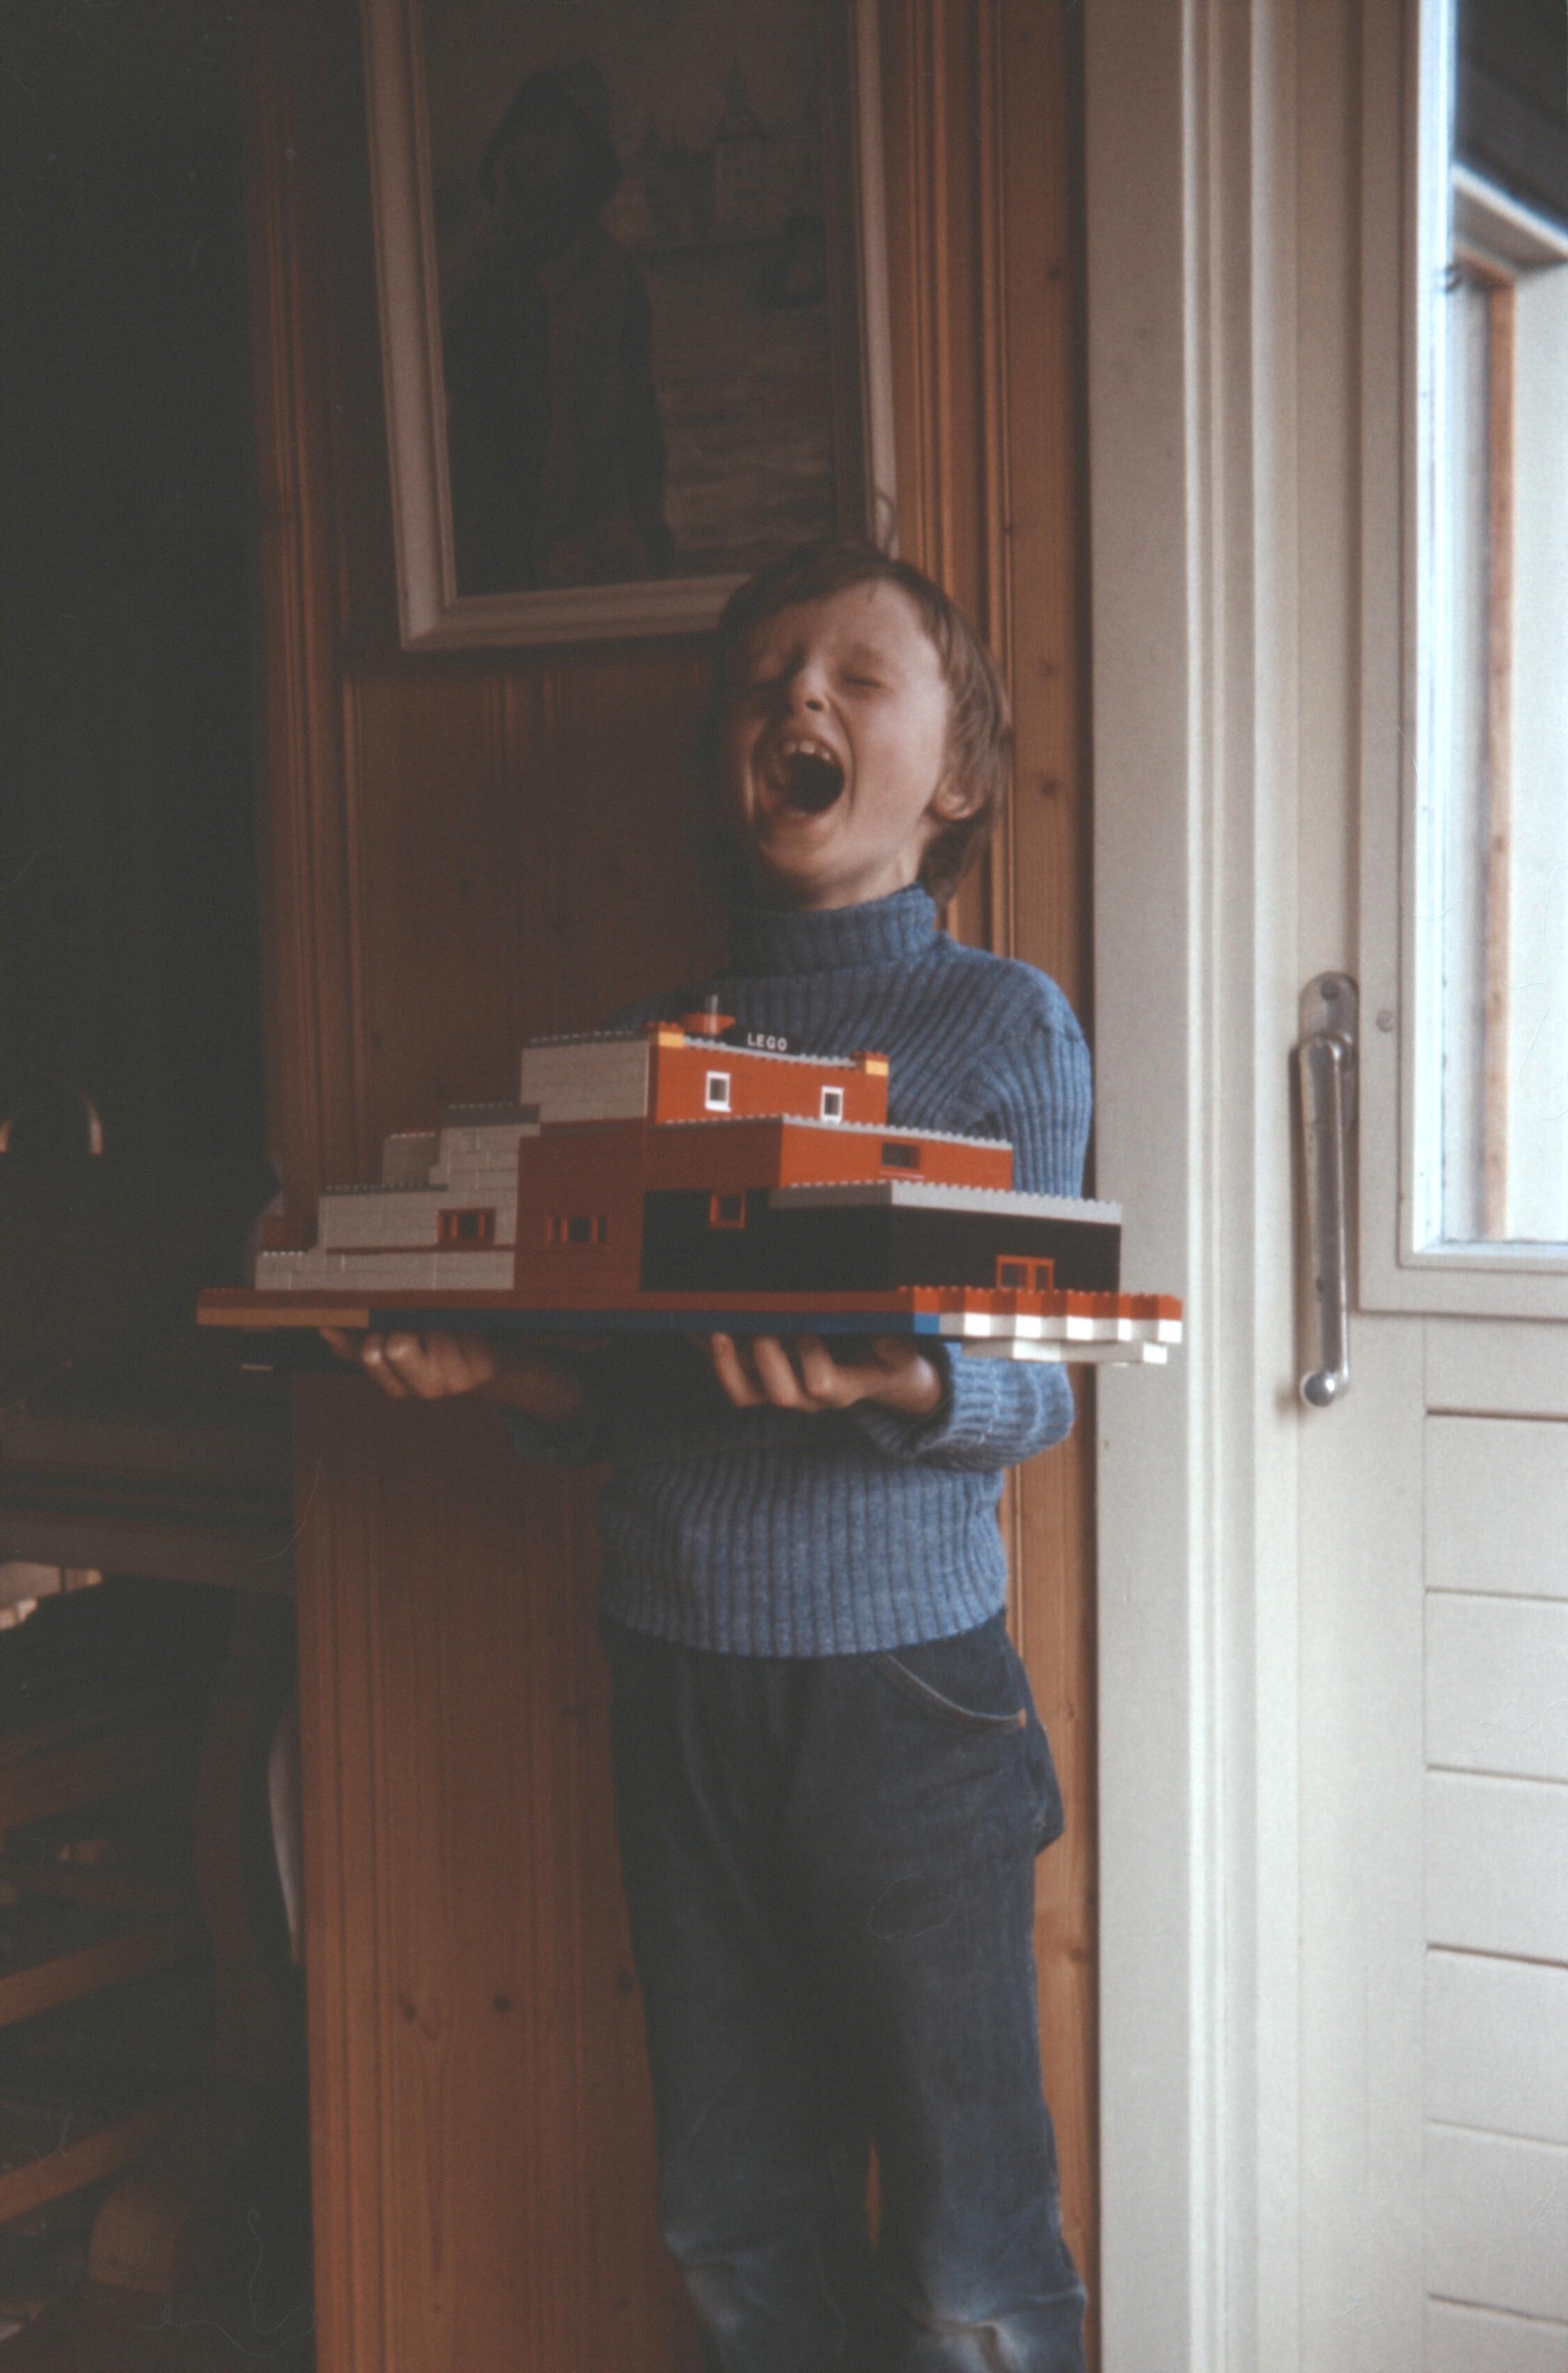 – Lego var en viktig inspirasjon for meg. Dessverre var det også en hel generasjon arkitekter som vokste opp med Lego og i dag ser vi resultatene i form av funkisblokker som spretter på steder de ikke hører hjemme. Det var bra jeg oppdaget datamaskiner og ikke ble arkitekt, mener Lie – i seks år gammel versjon på bildet.Foto: Privat